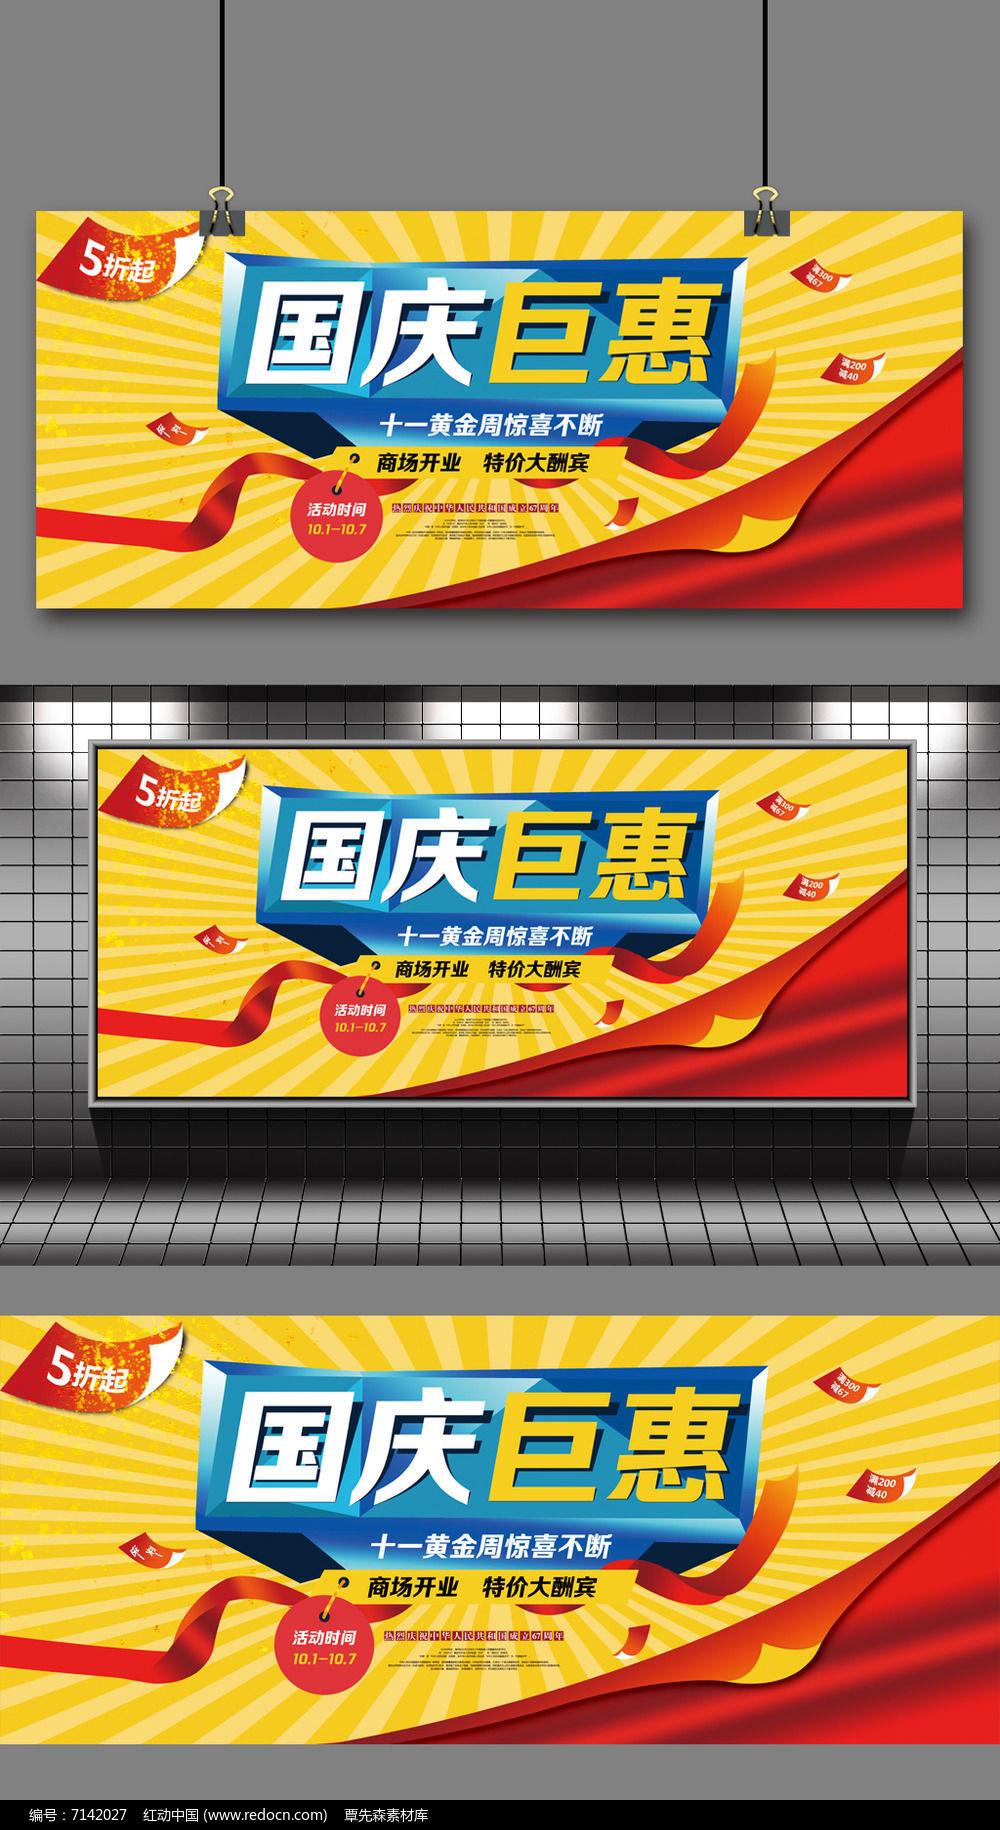 国庆巨惠国庆节促销海报设计图片